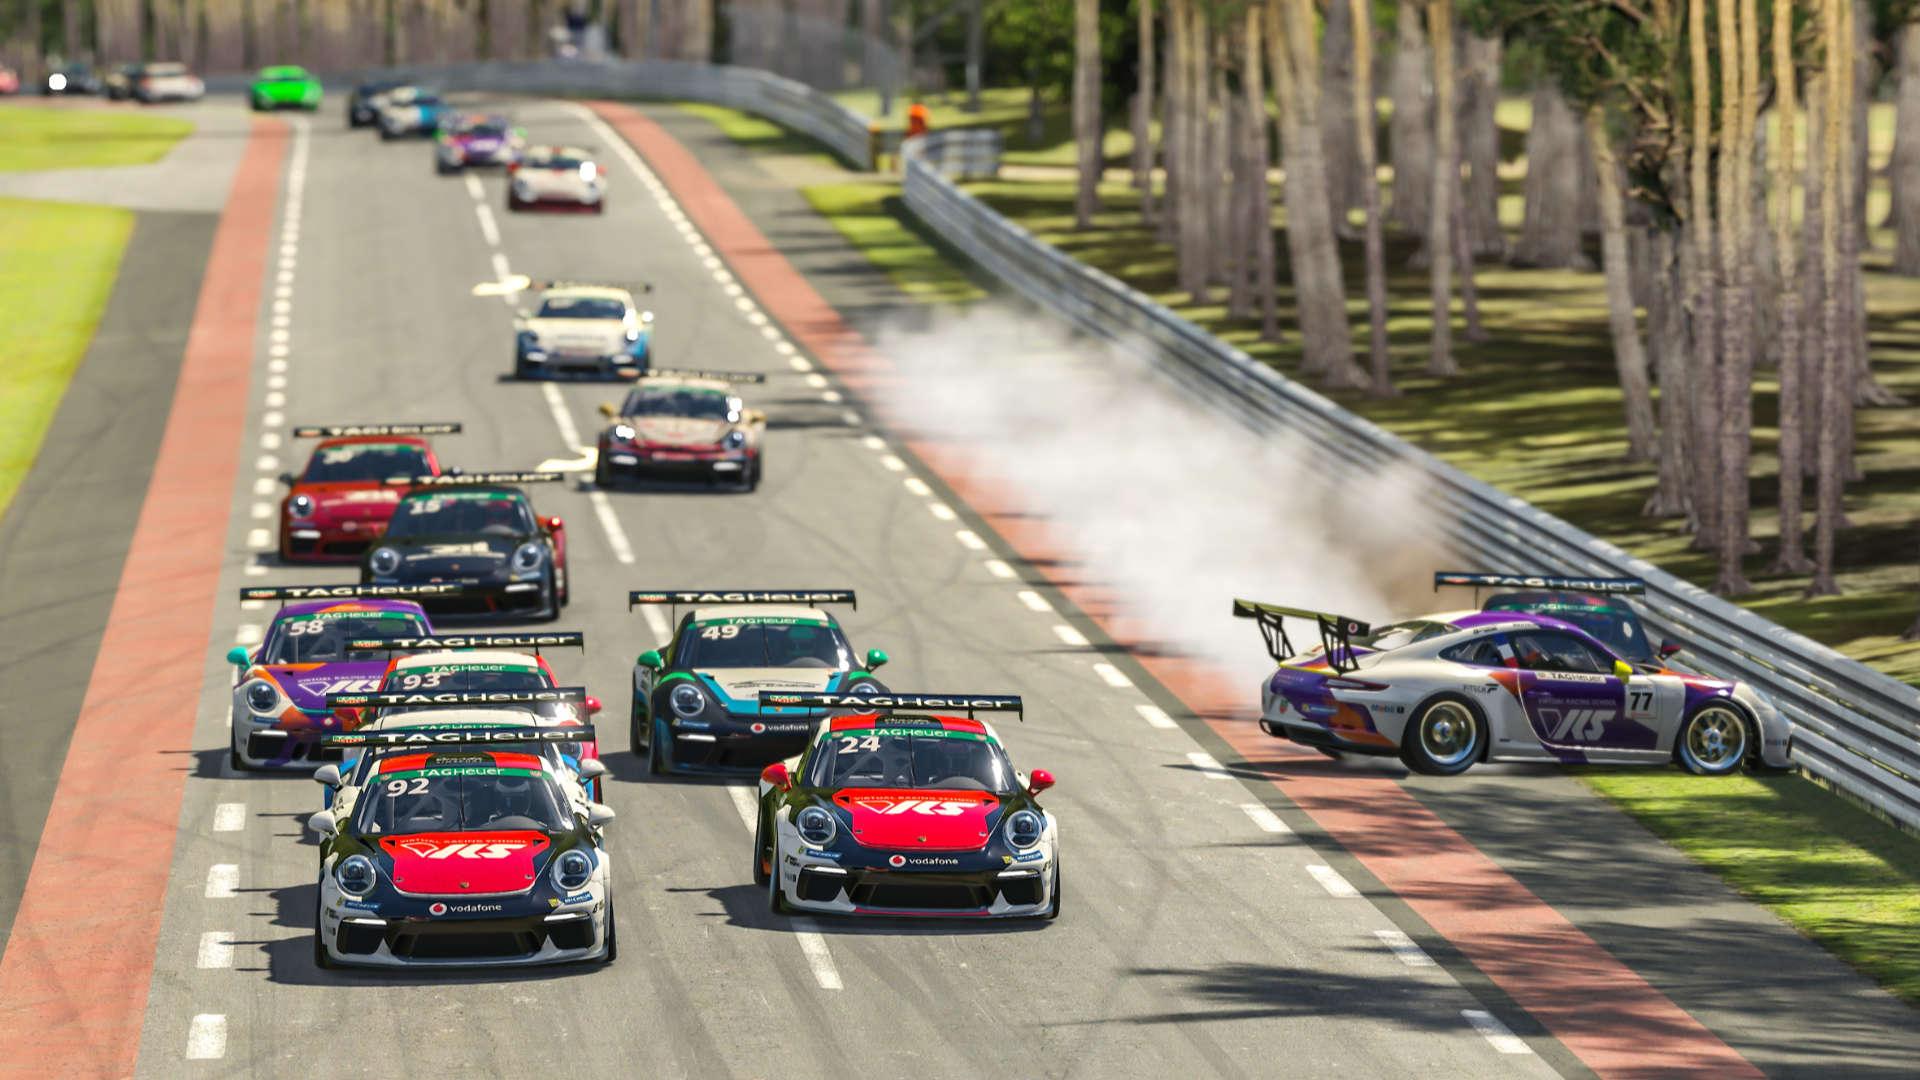 PESC Le Mans